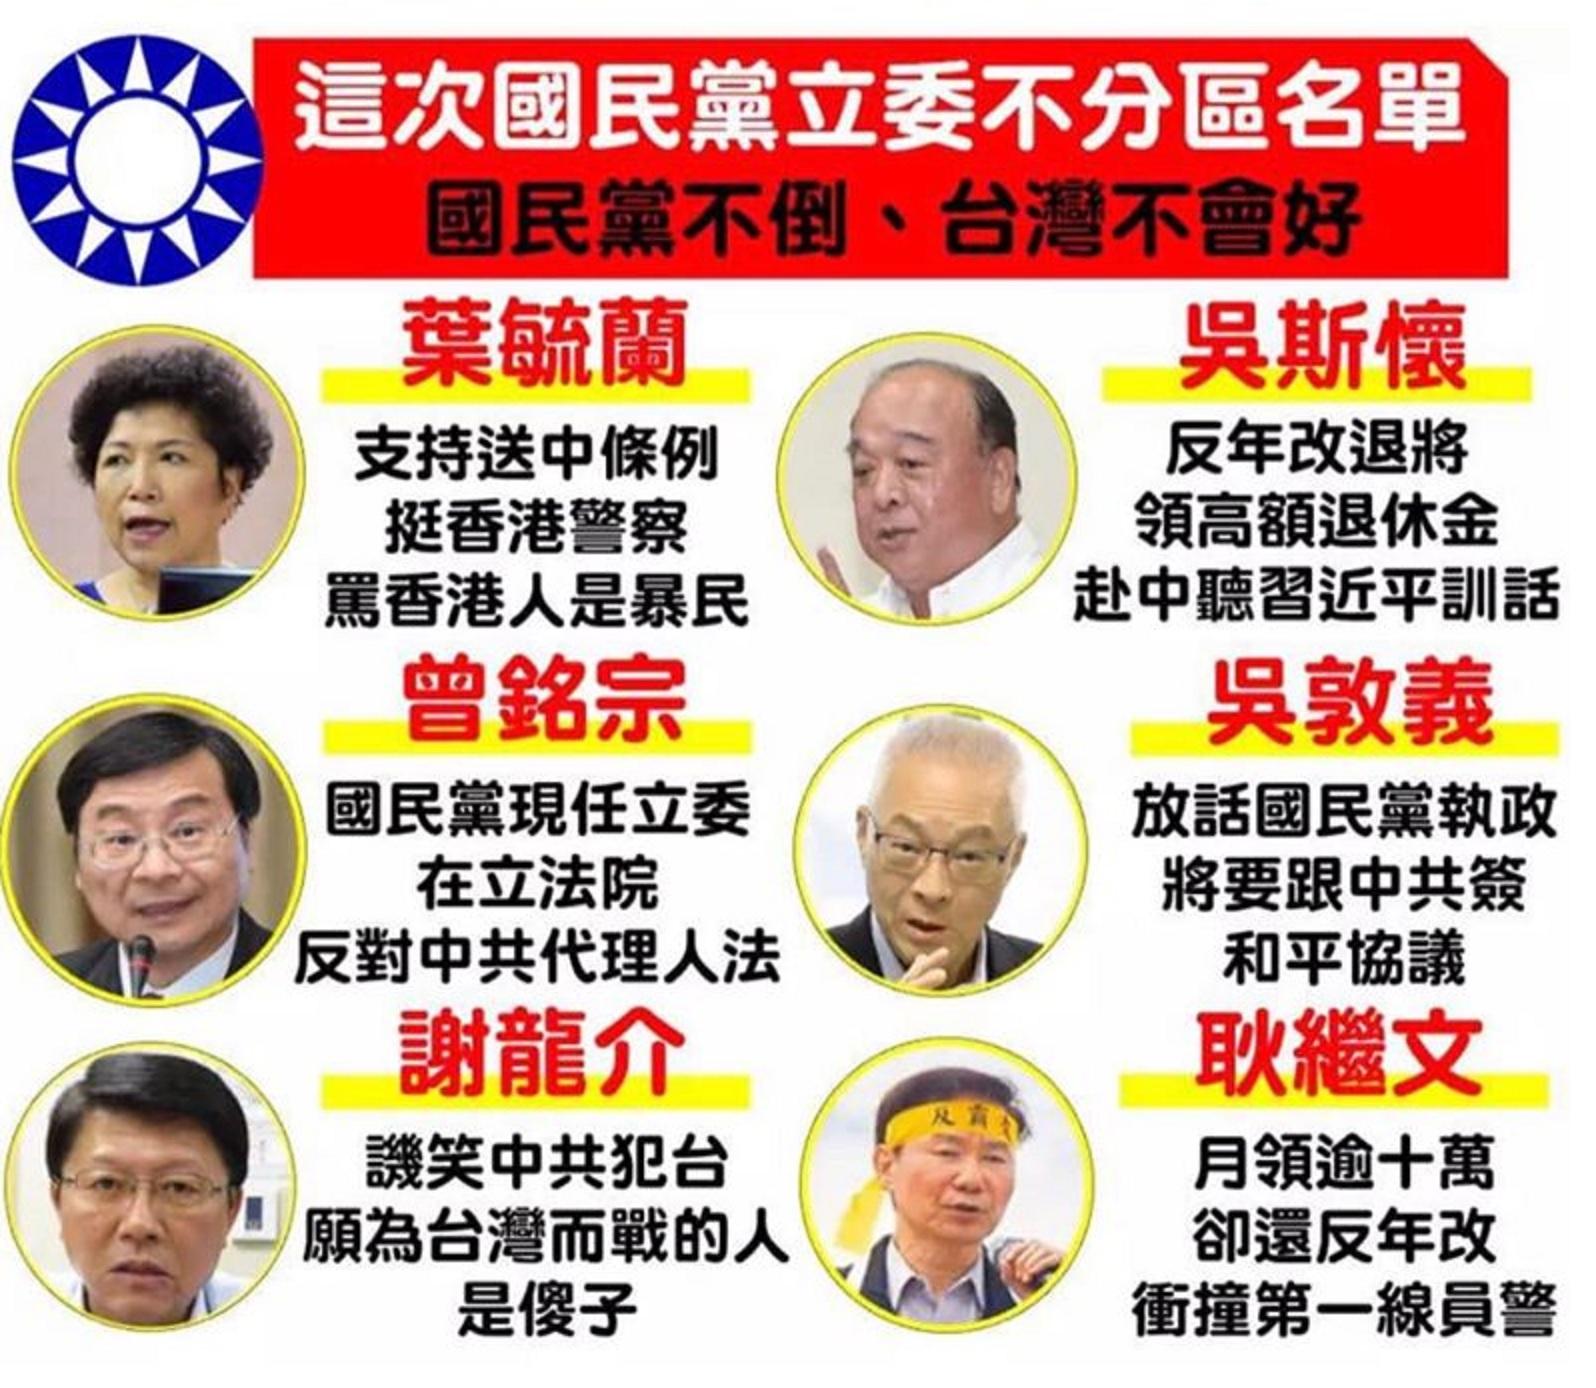 我們與香港之間,只有一票的距離